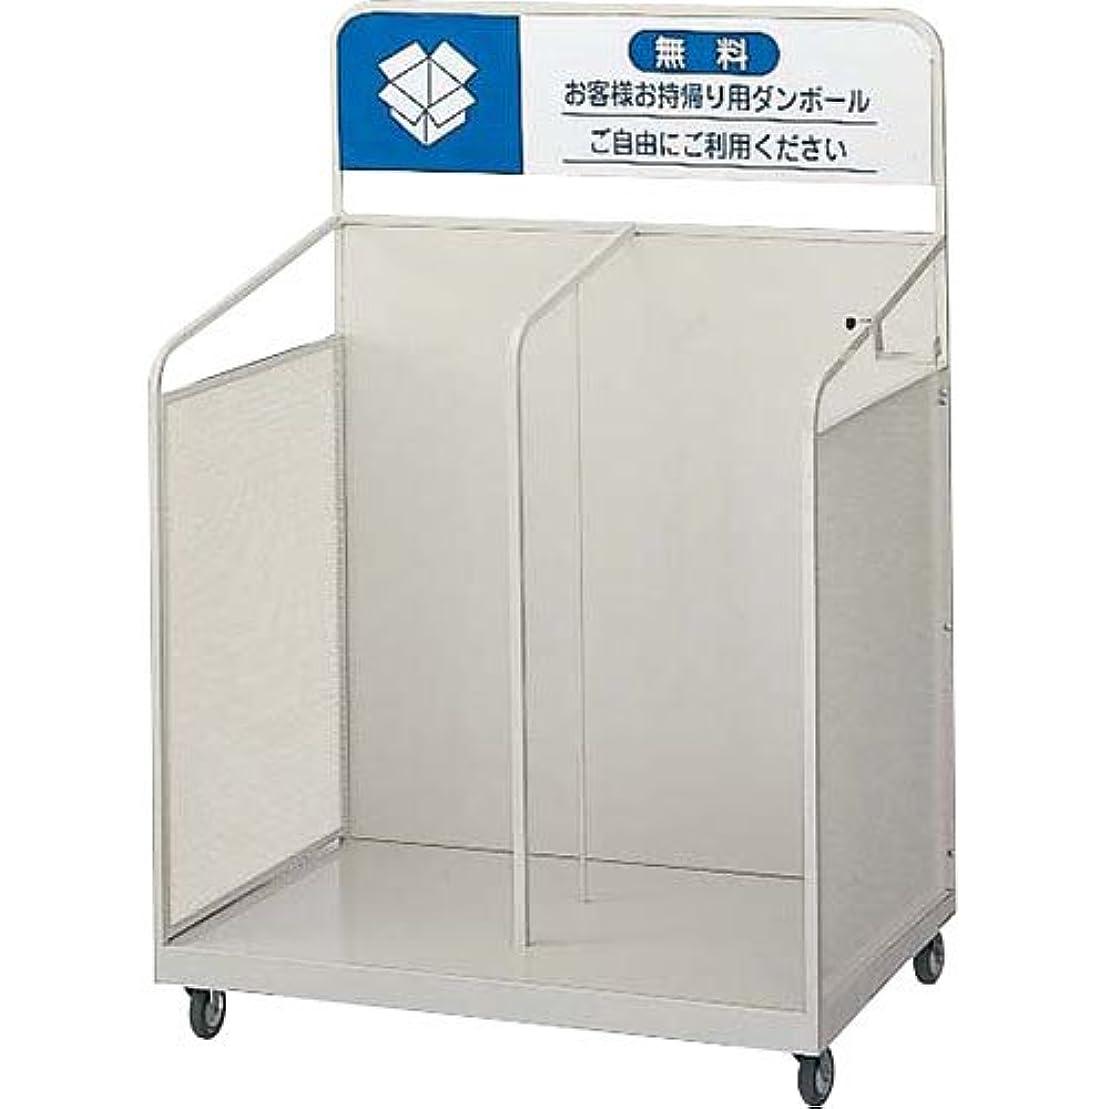 舌放射性調べるダンボールカート OF-105 YW-101L-ID